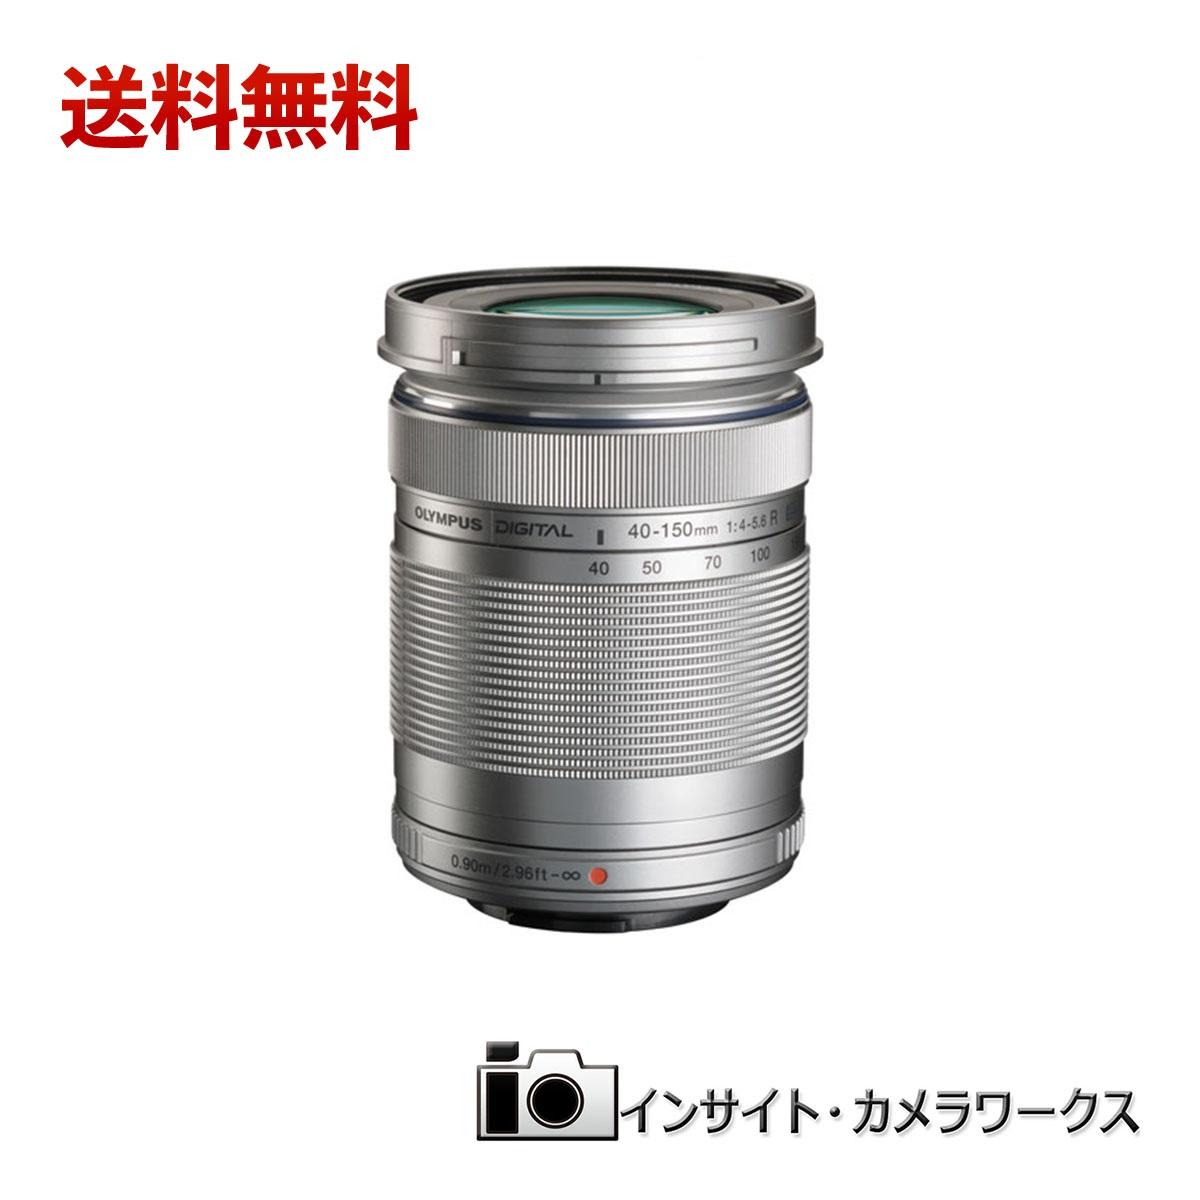 【特別価格】OLYMPUS 望遠ズームレンズ M.ZUIKO DIGITAL ED 40-150mm F4.0-5.6 R シルバー オリンパス ex